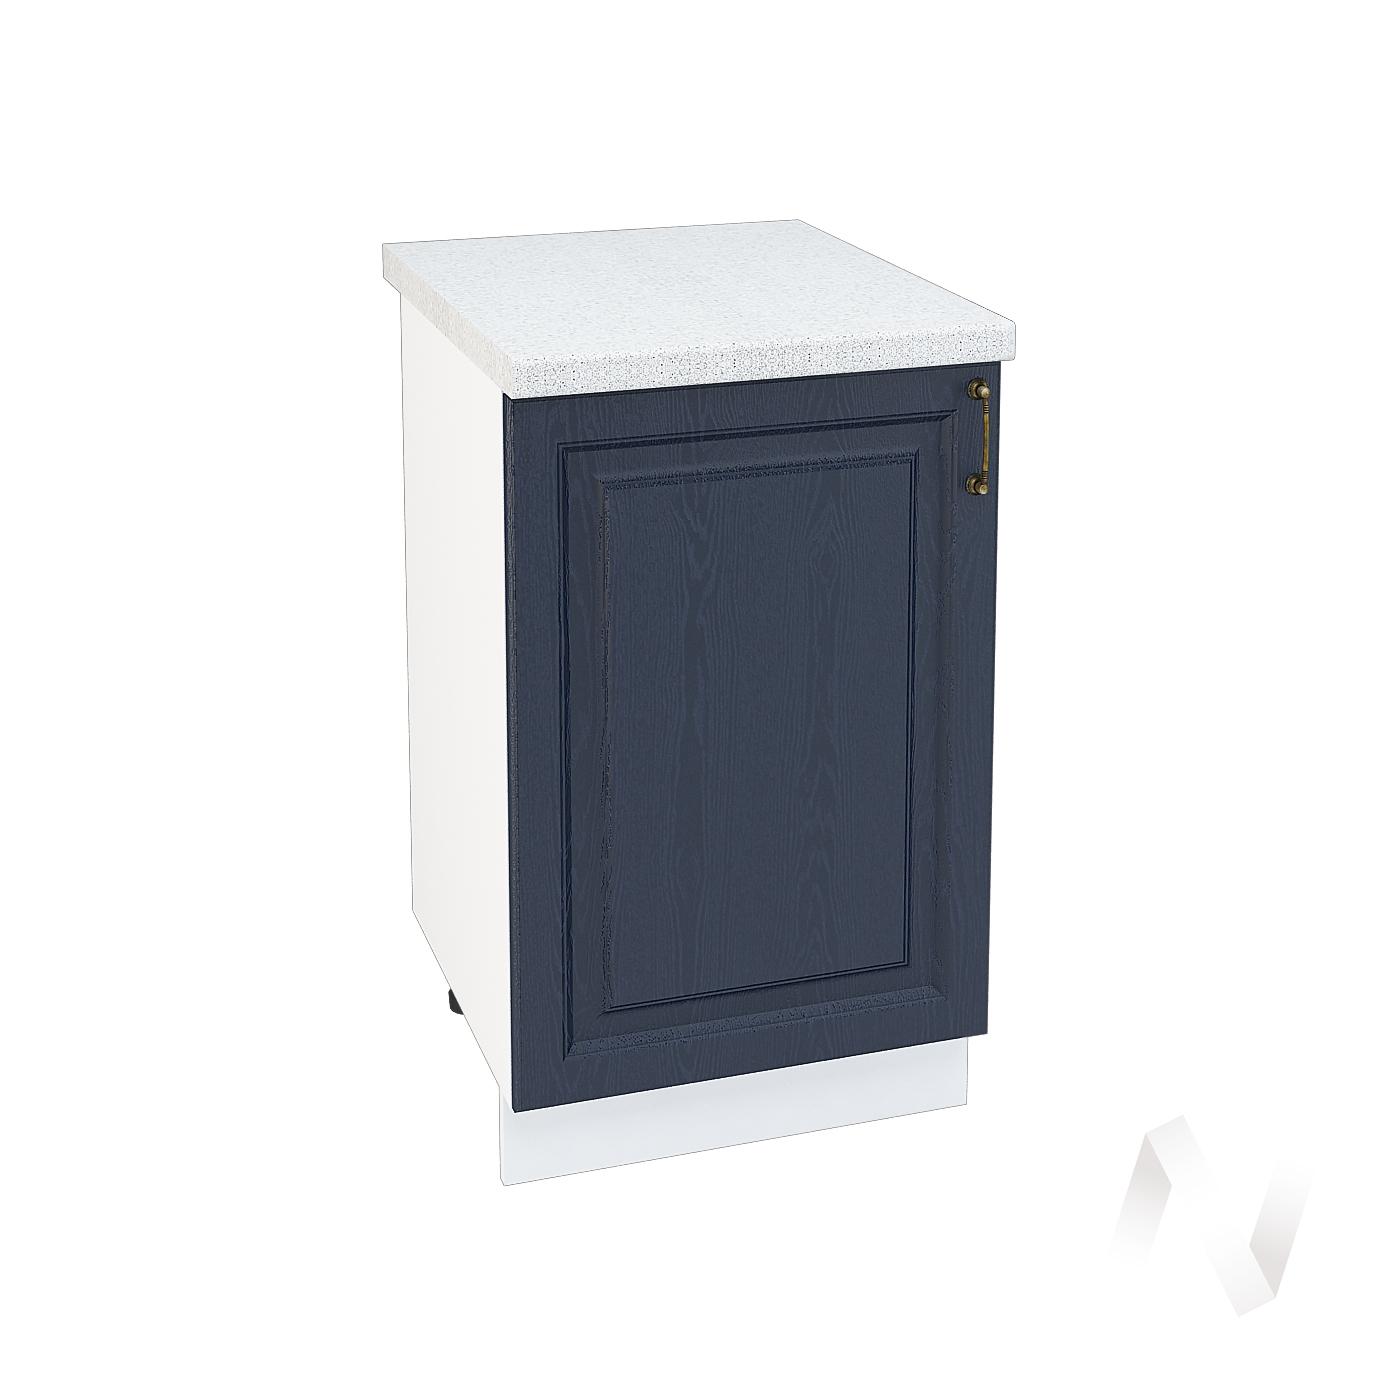 """Кухня """"Ницца"""": Шкаф нижний 500, ШН 500 (Дуб чернильный/корпус белый)"""